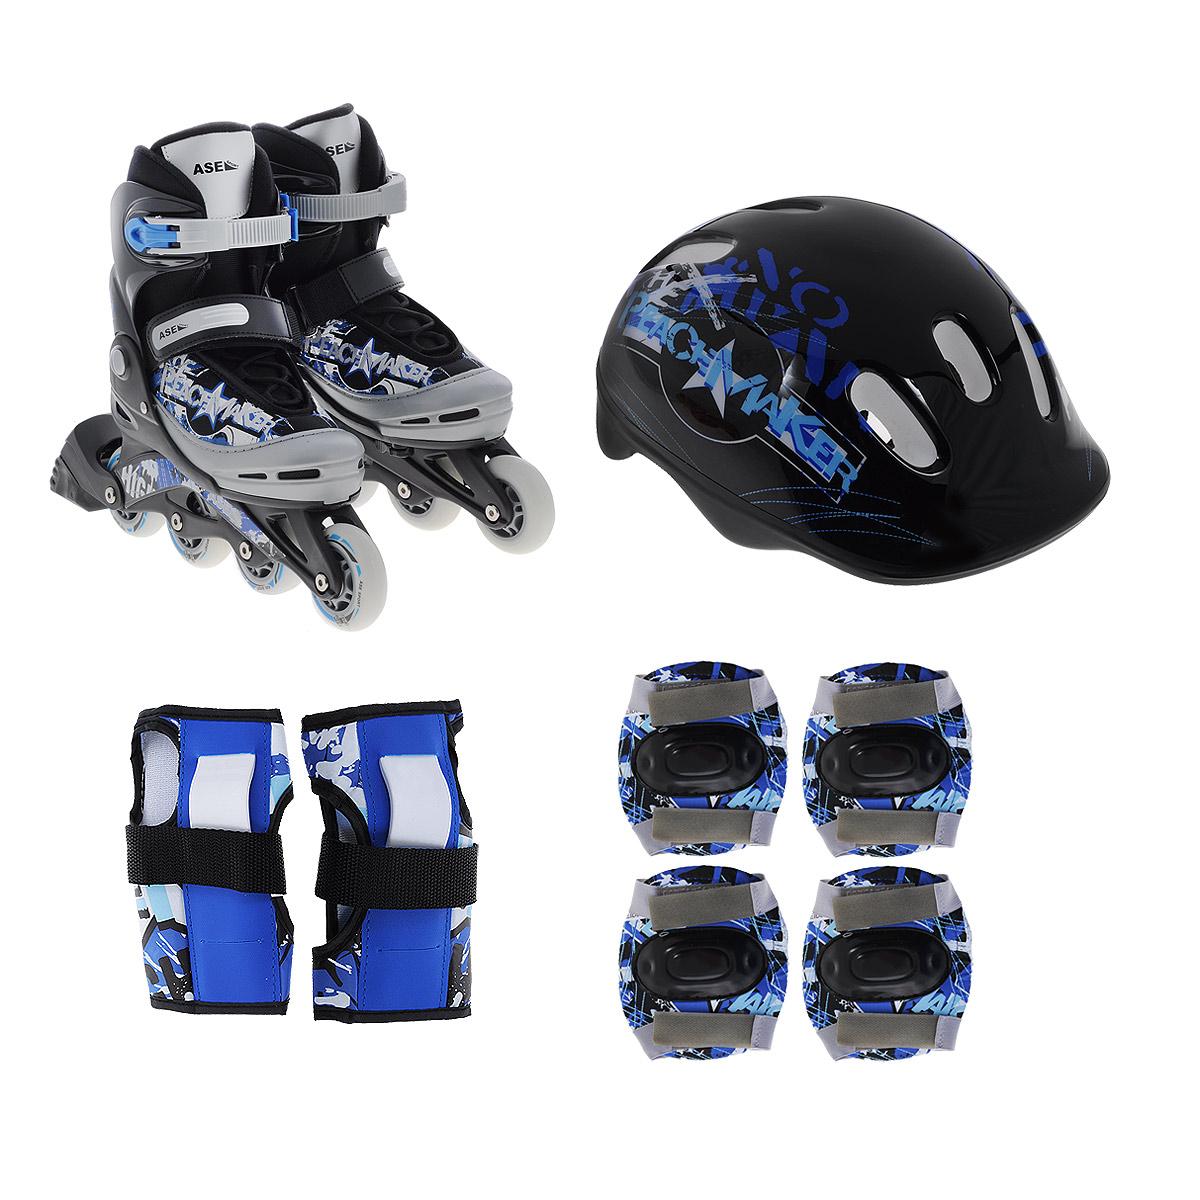 Комплект: коньки роликовые, шлем, защита. ASE-617MCOMBO ASE-617MКомплектуются роликовыми коньками ASE-617. Конструкция: верх сапожка изготовлен из современного синтетического материала, стойкого к внешним воздействиям. Внутри сапожка отделка сделана из синтетического материала с мягкой подкладкой в боковых частях для более удобной и надежной фиксации ноги во время катания. Застежка типа AUTO LOCK удобно регулируется на нужный размер. Система изменения размера корпуса проста в использовании, позволяет быстро и комфортно подогнать сапожок под ногу. Корпус роликов изготовлен из прочного пластика, стойкого к механическим нагрузкам и внешним воздействиям окружающей среды. Интегрированная в корпус рама (единая конструкция) дает дополнительную прочность корпусу, исключая риск поломки при механических нагрузках, а также эффективно гасит вибрацию во время катания. Стельки сделаны из специального вспененного материала, который удобно повторяет анатомическое строение стопы ноги и дополнительно поглощает вибрацию. Шнуровка...